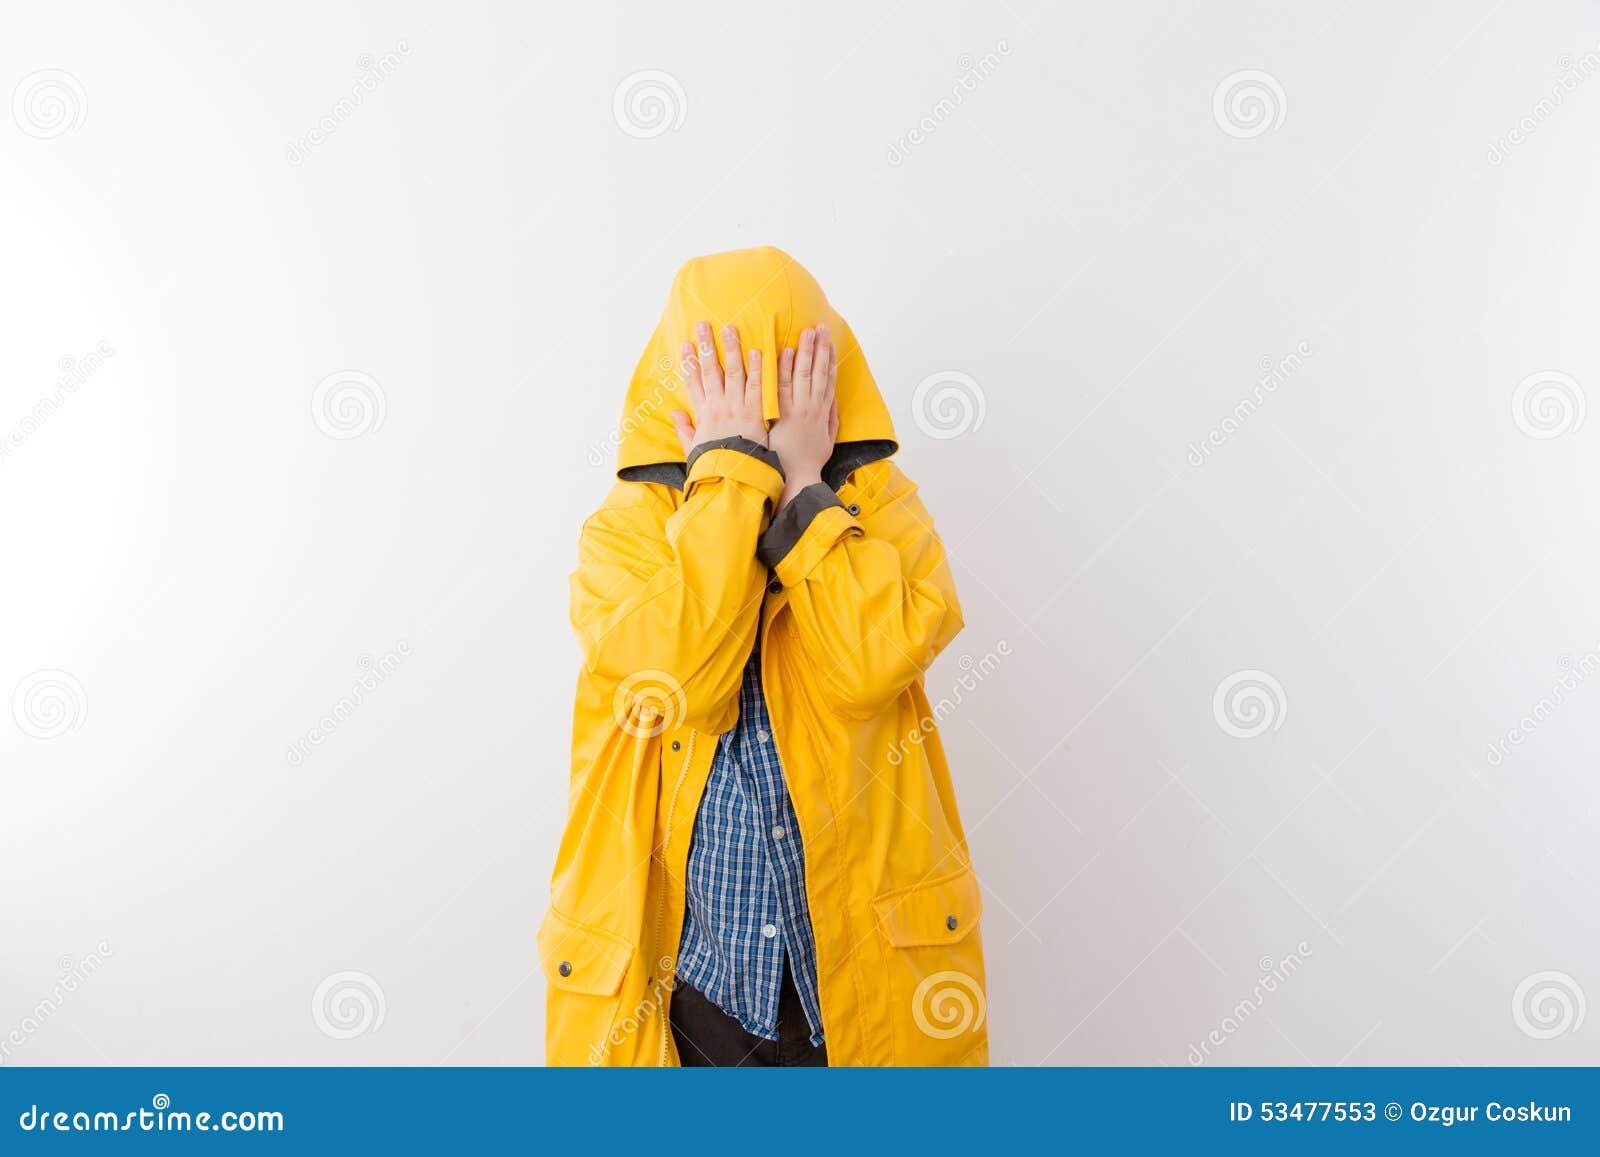 Rain Coat Clip Art Child Wearing Yellow Rain Coat